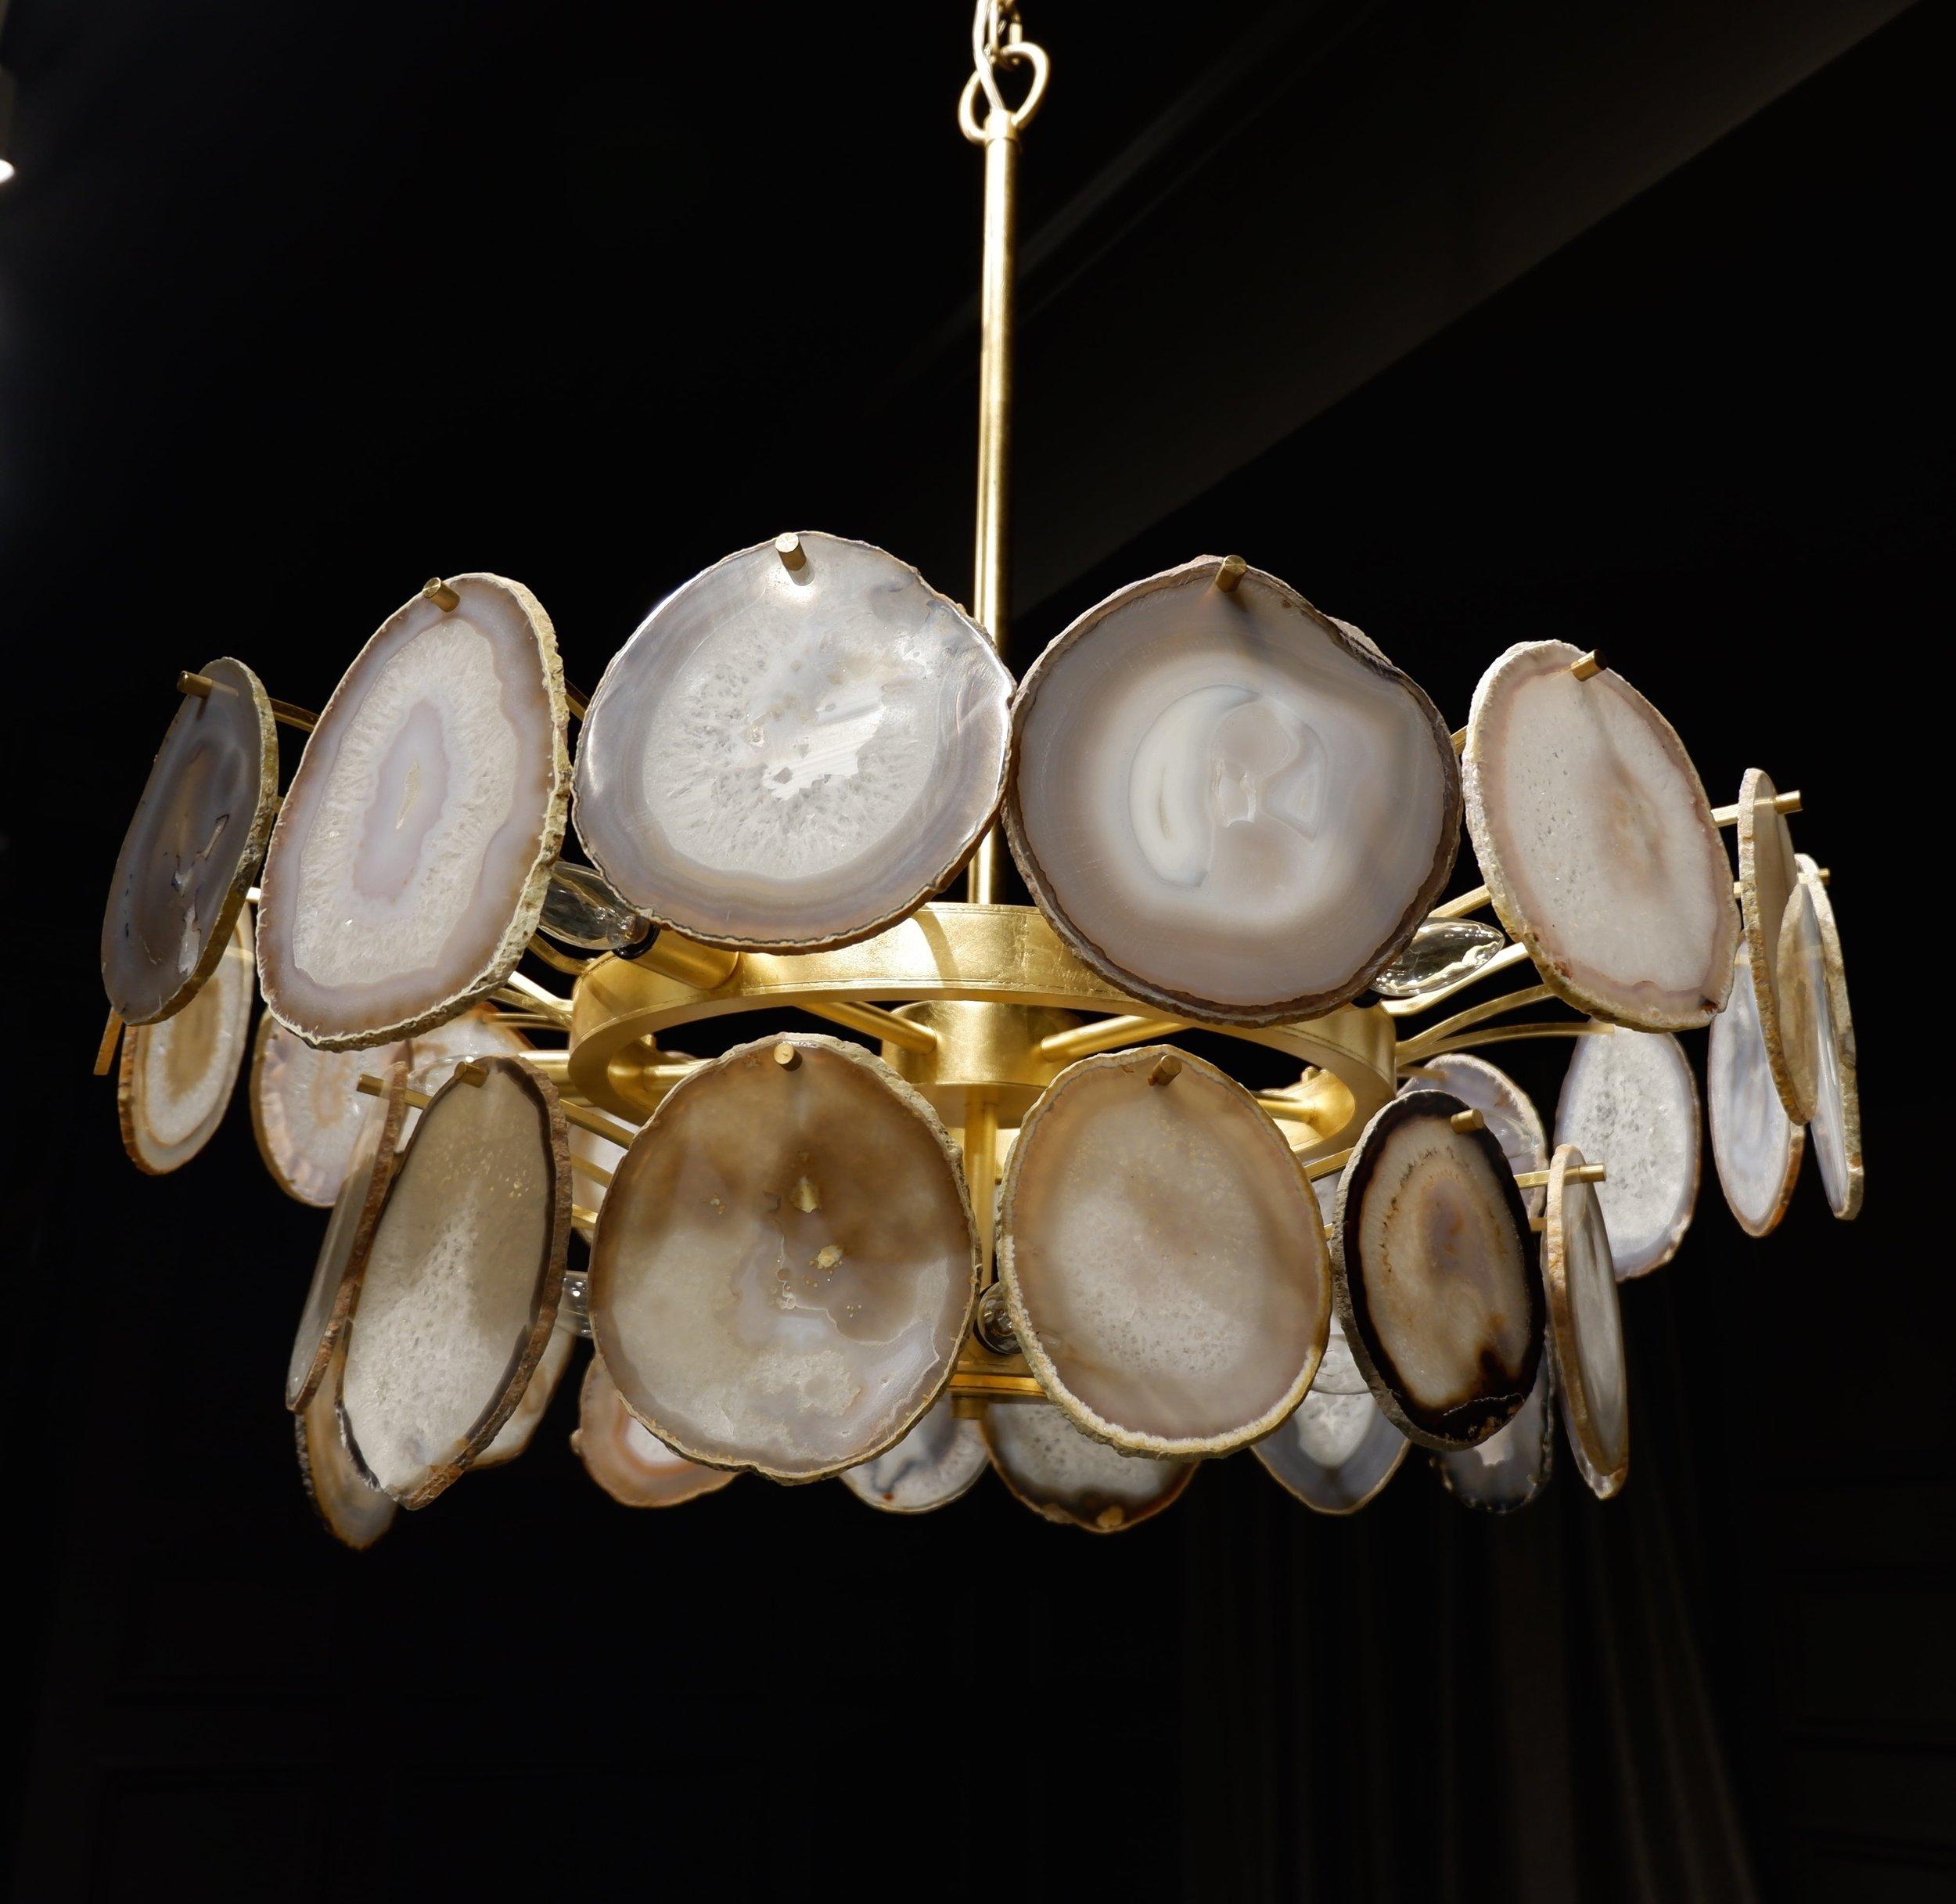 Agate slice chandelier at Bernhardt.